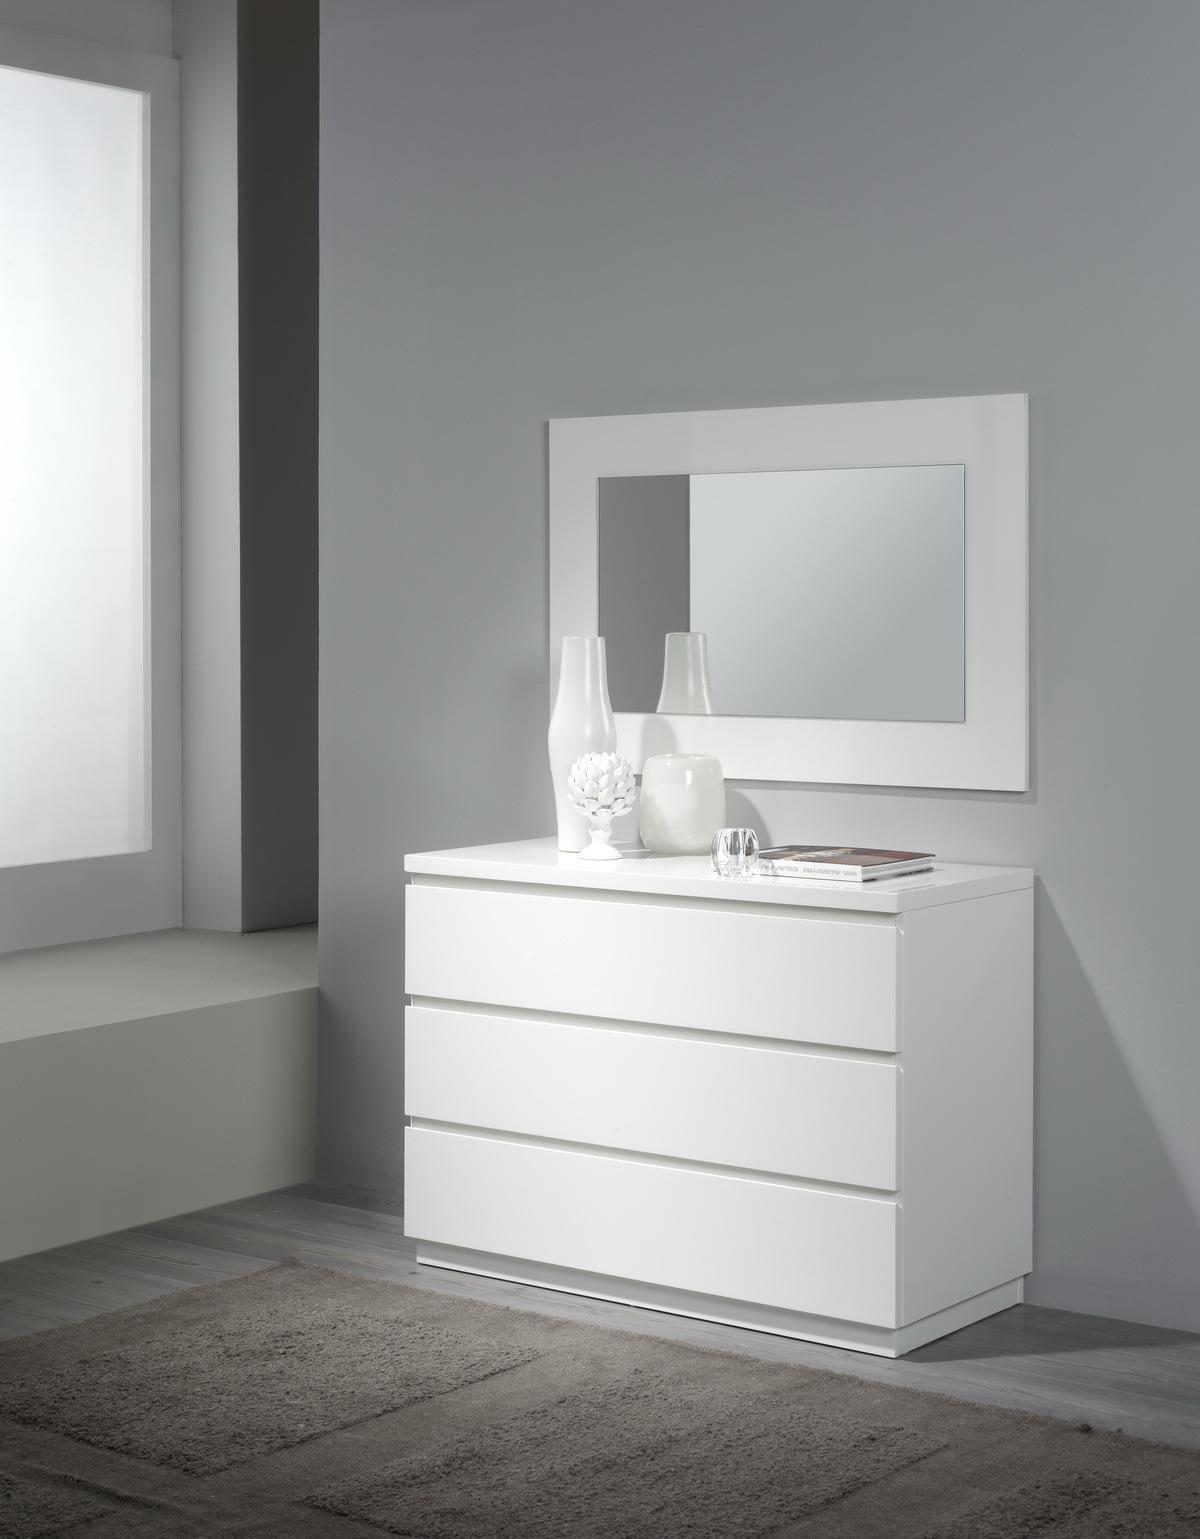 Комод горизонтальный DUPEN (Дюпен) С-111 белый, зеркало DUPEN E-96 белое